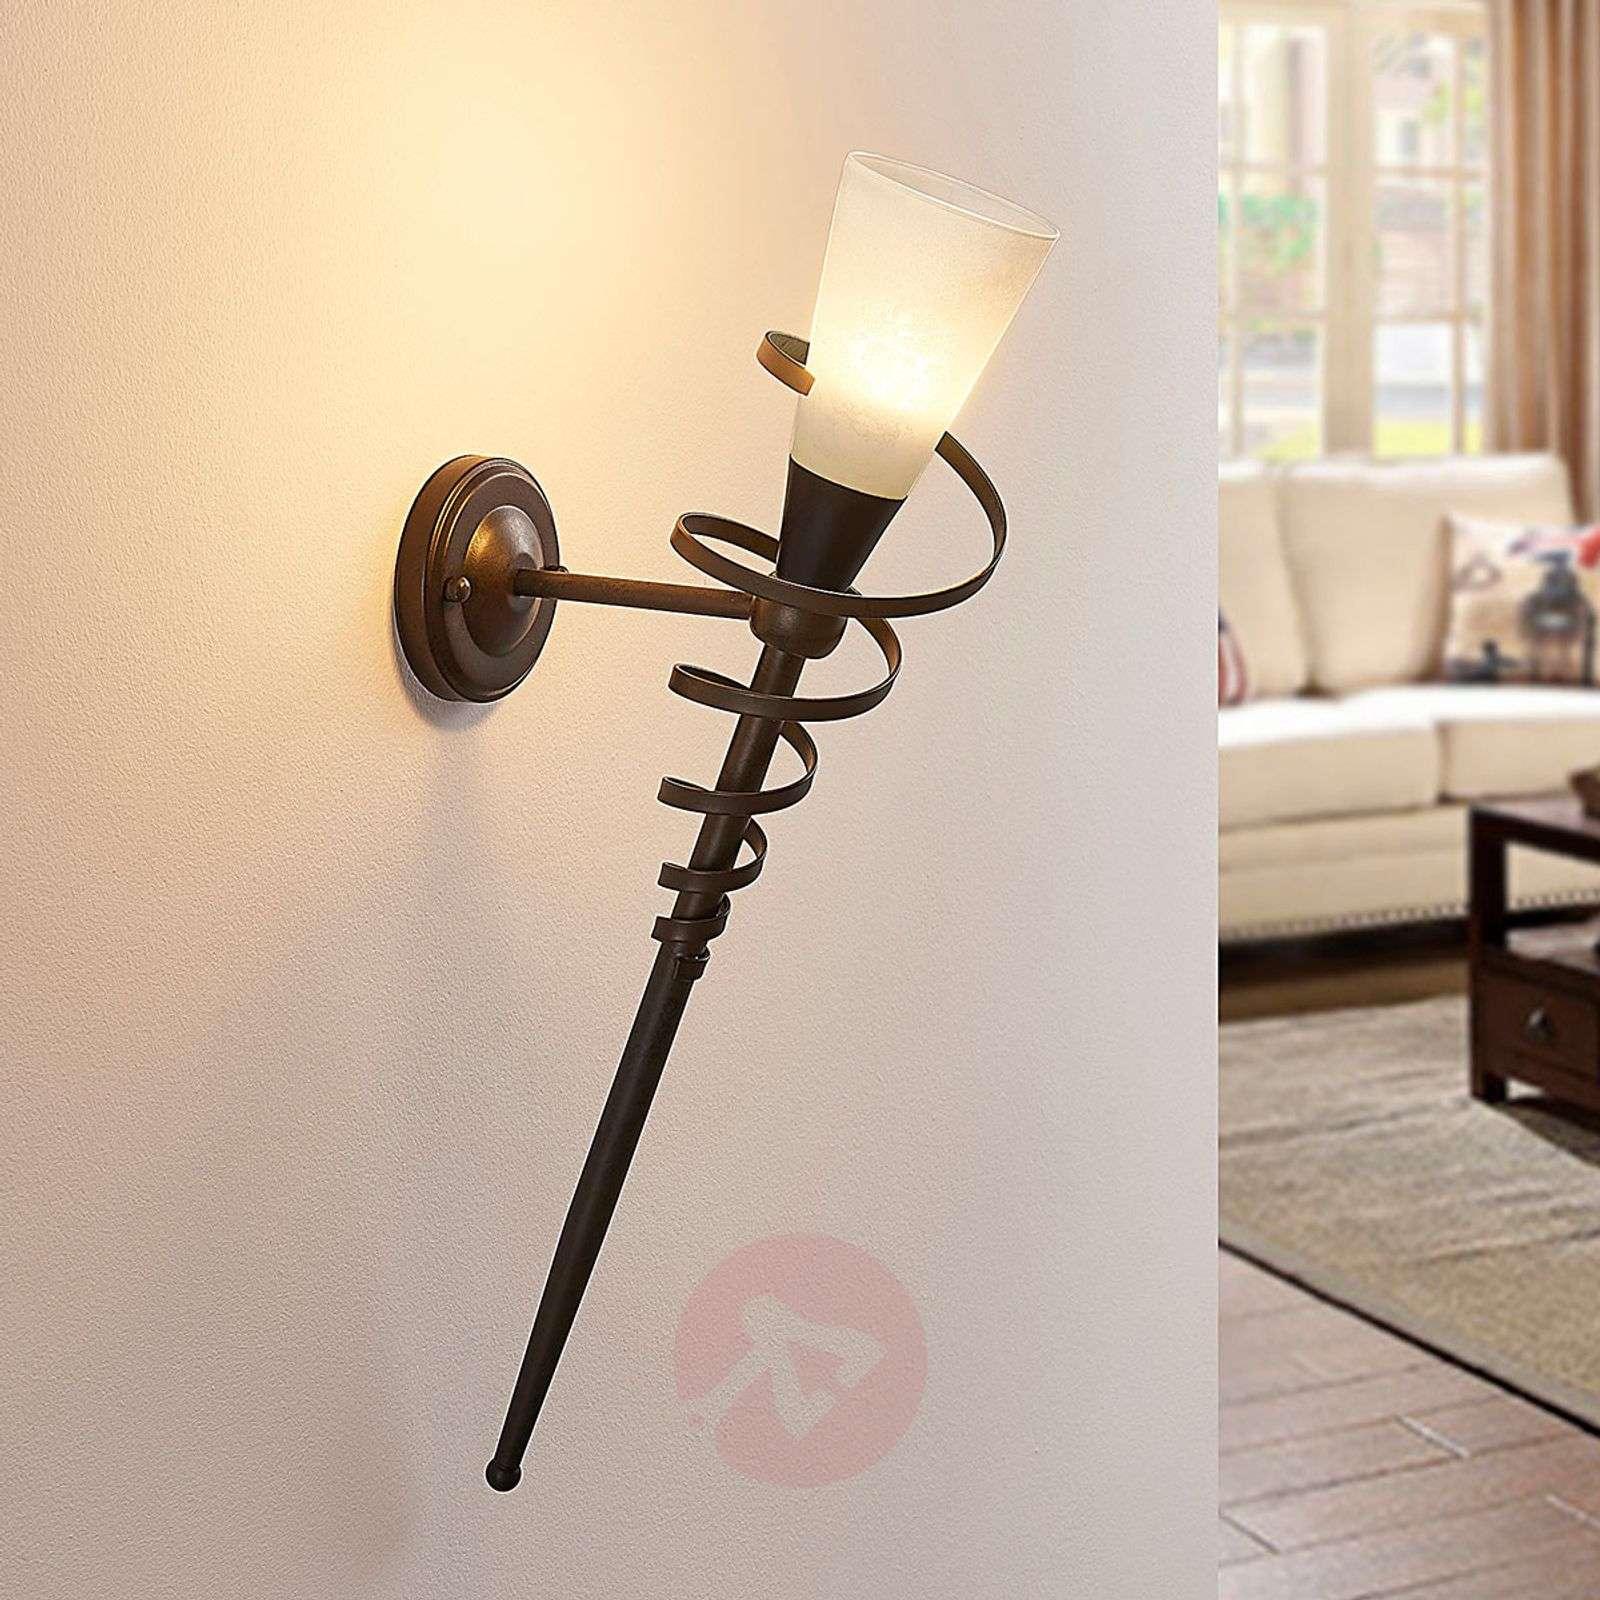 Ruosteenvärinen LED-seinäsoihtu Tjark-9620147-01